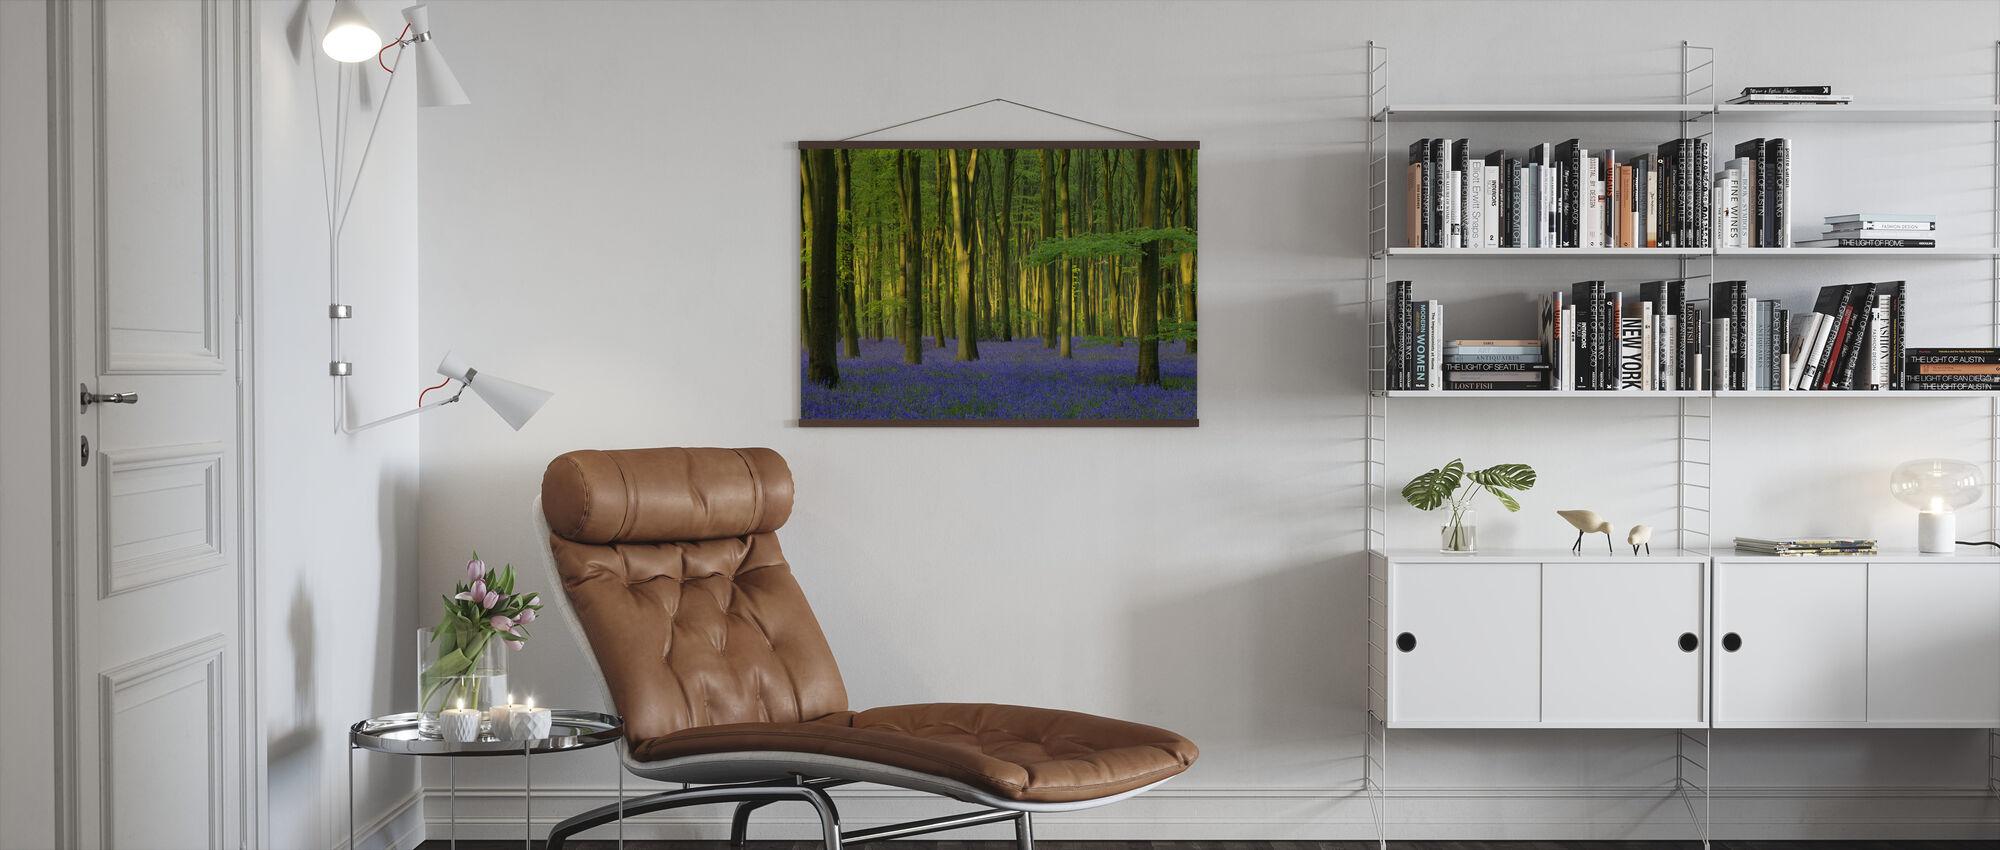 Bluebells in Sunlight - Poster - Living Room